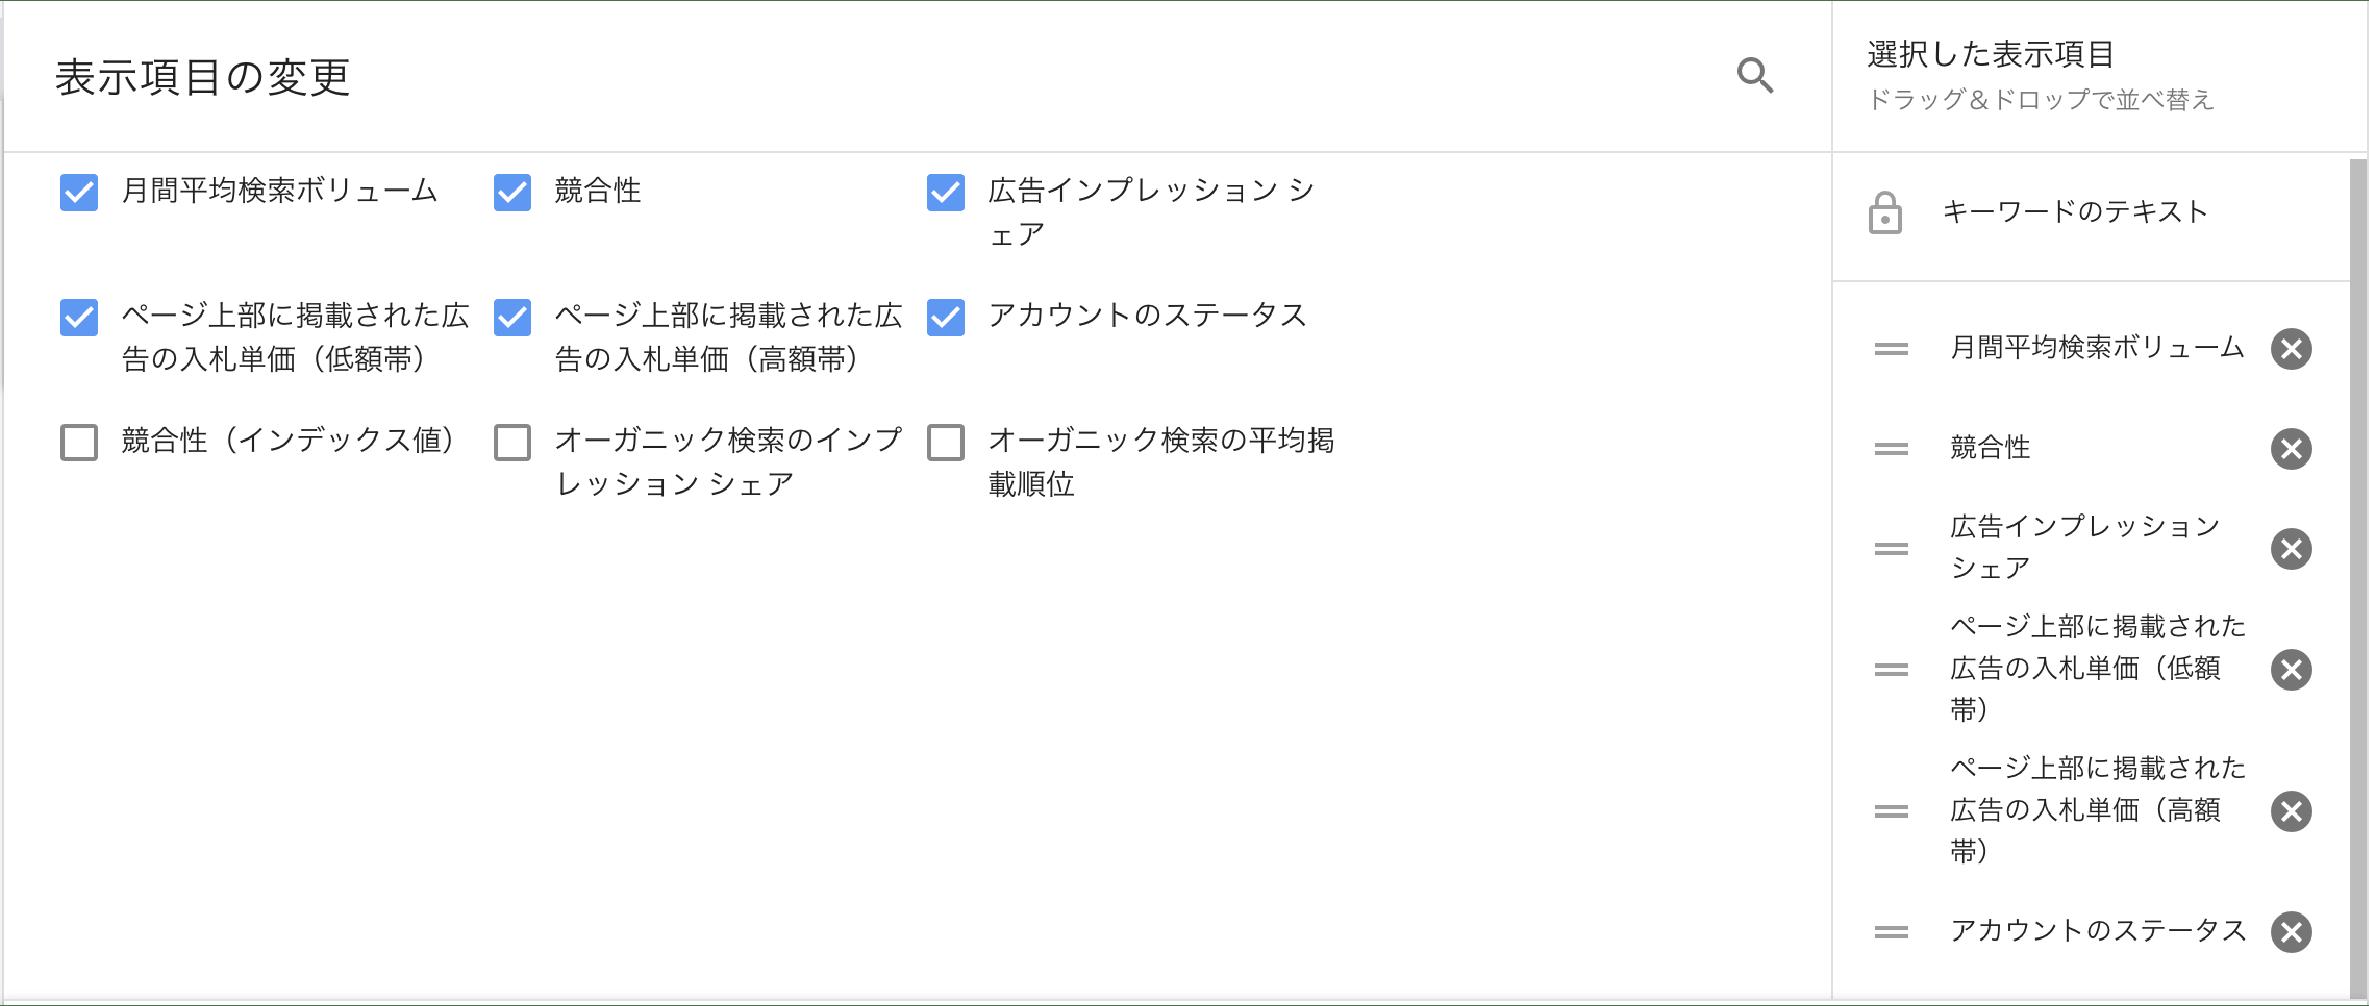 キーワードプランナー_表示項目